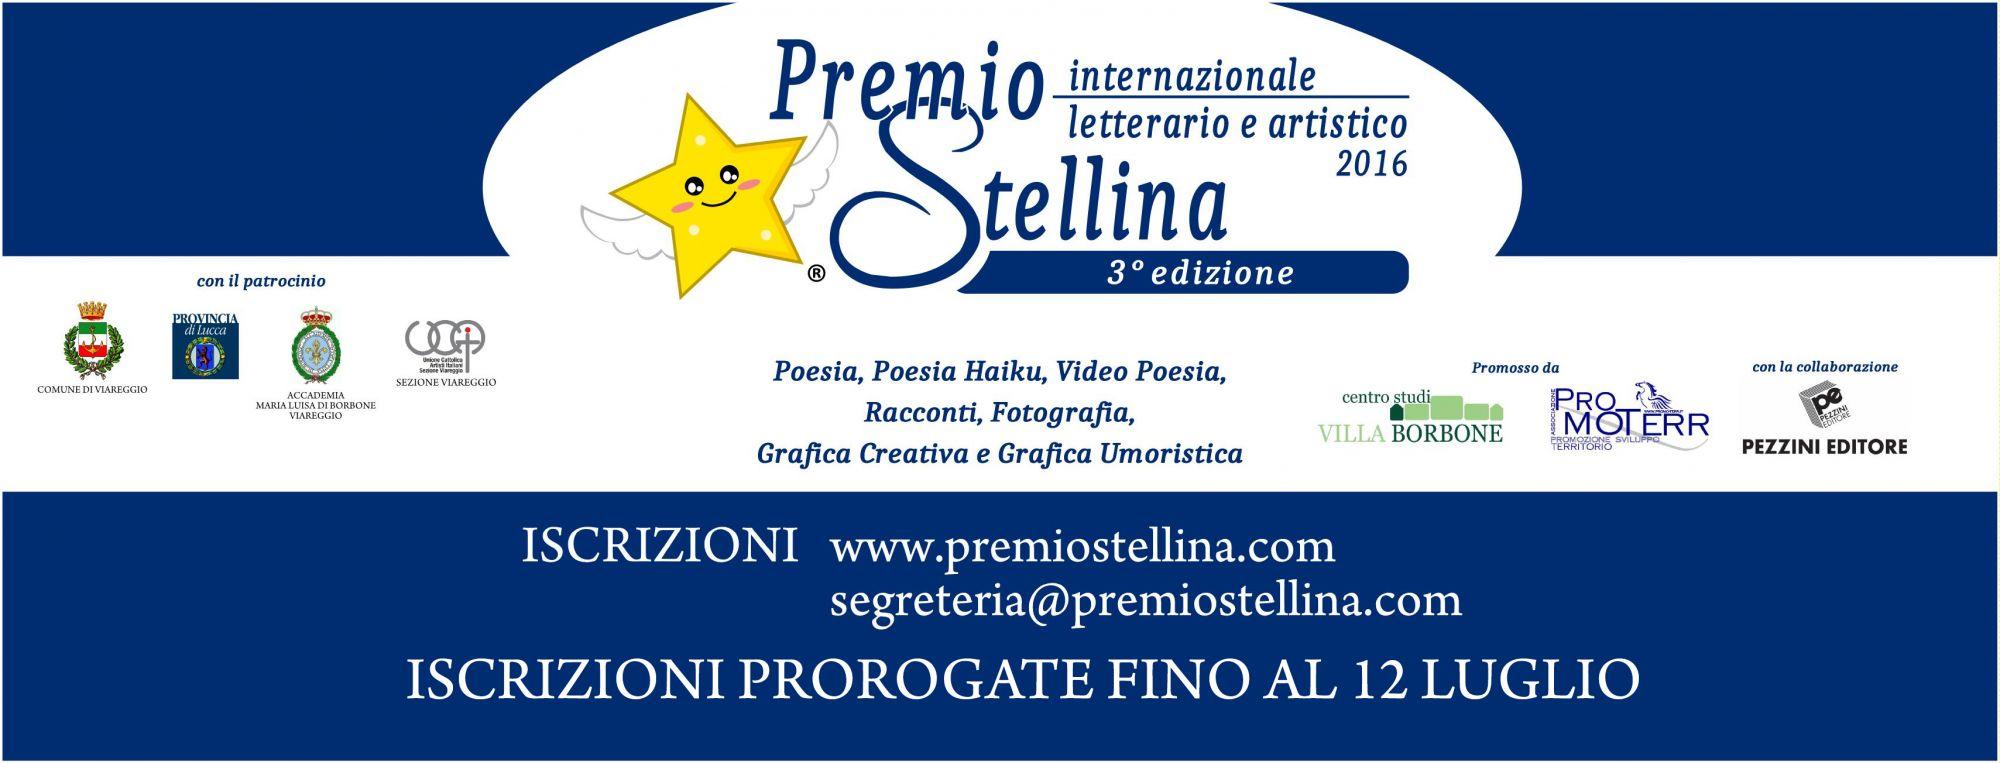 Prorogate le iscrizioni per il Premio Internazionale Stellina